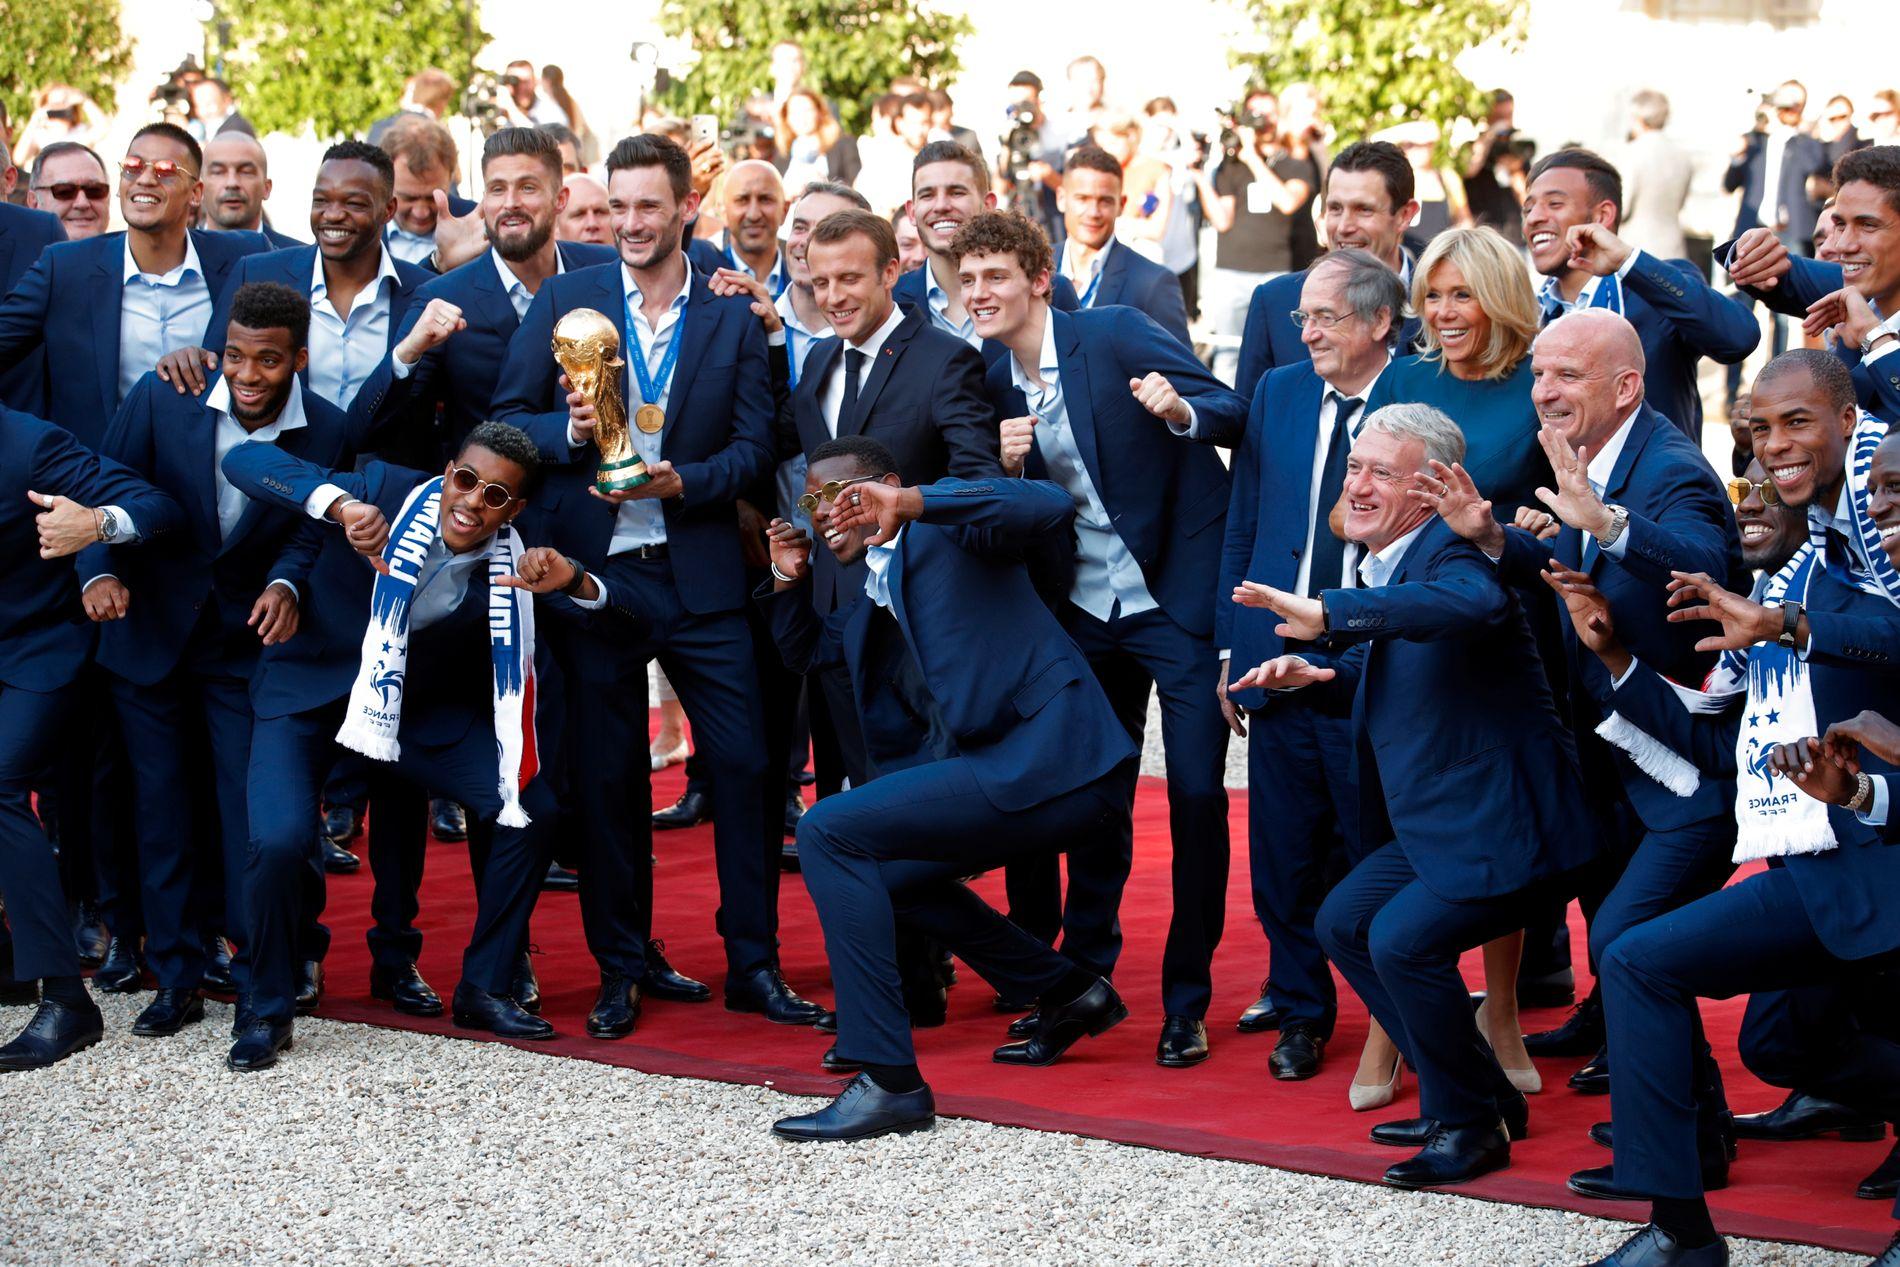 President Emmanuel Macron poserte med det høylytte franske laget, som har feiret VM-gullet siden dommeren blåste av kampen mot Kroatia søndag kveld. Macron forsøkte seg også på en klassisk «dab», som Frankrike- og Manchester United-stjerne Paul Pogba har gjort til sin signaturfeiring.